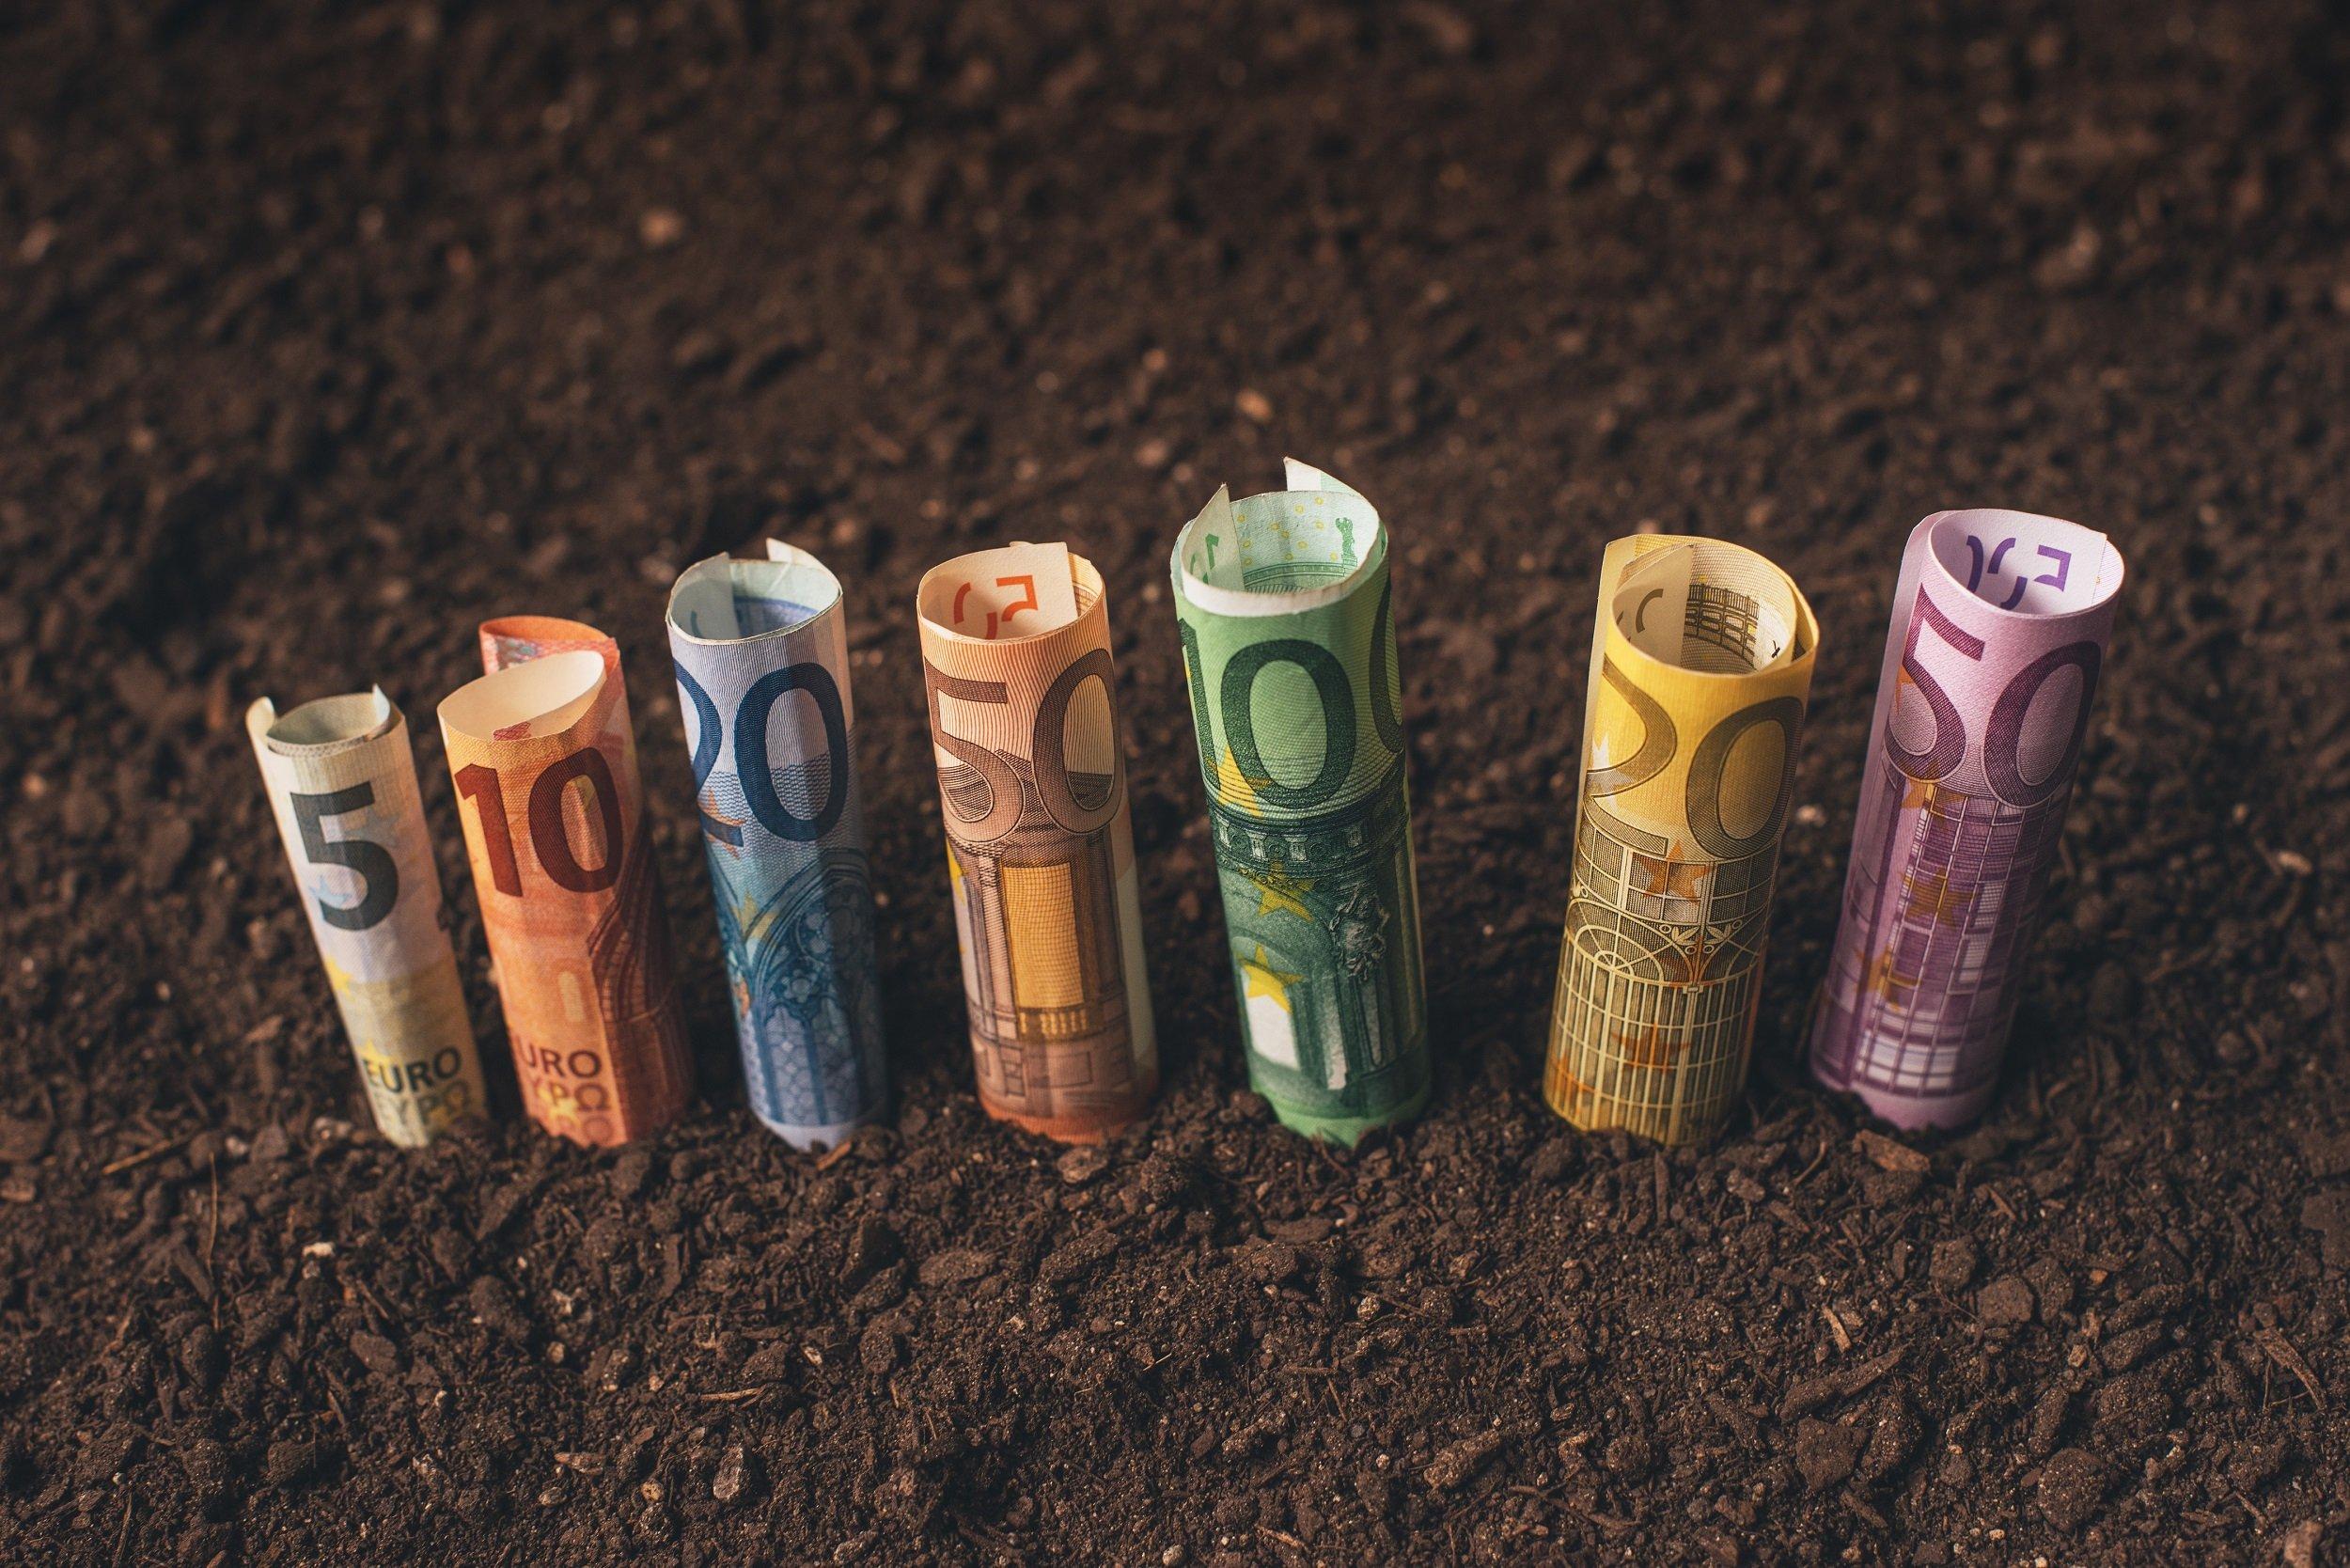 Refinanciamento ou Portabilidade de Dívidas: o que é mais vantajoso?